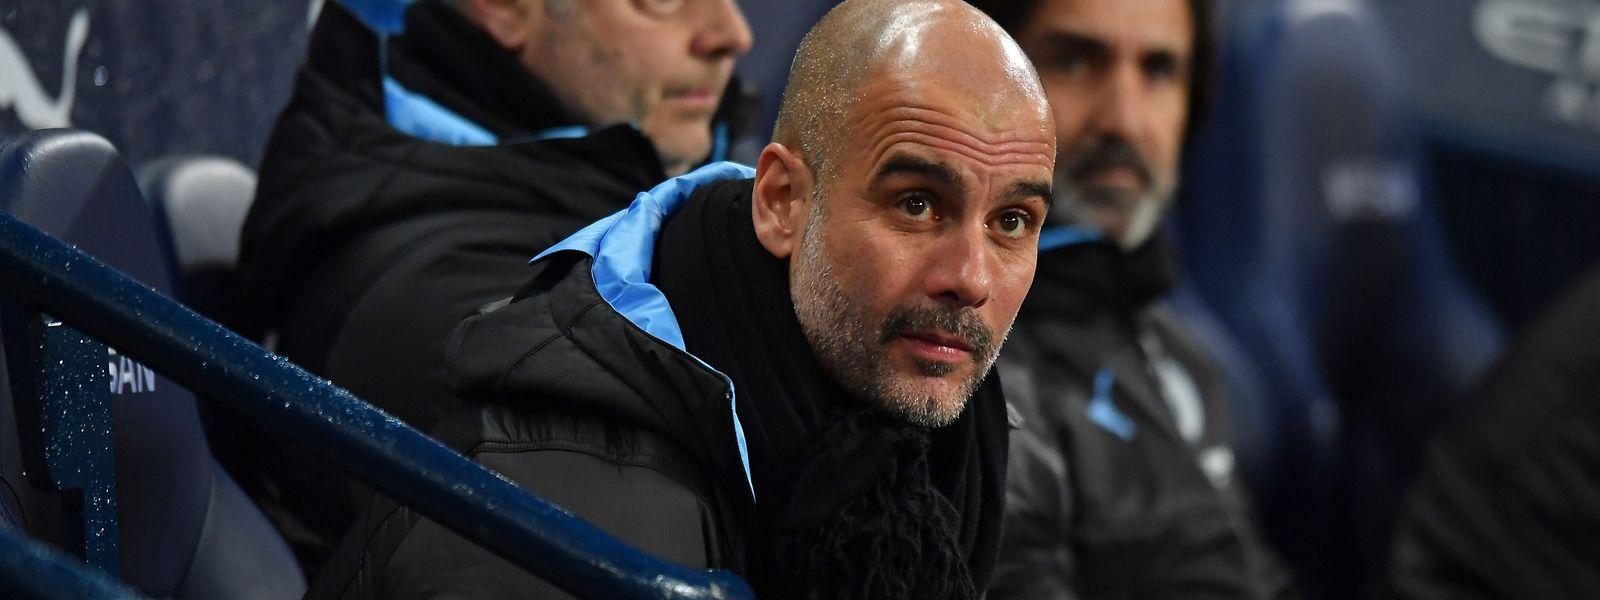 Pep Guardiola bekennt sich zu seinem derzeitigen Verein Manchester City.